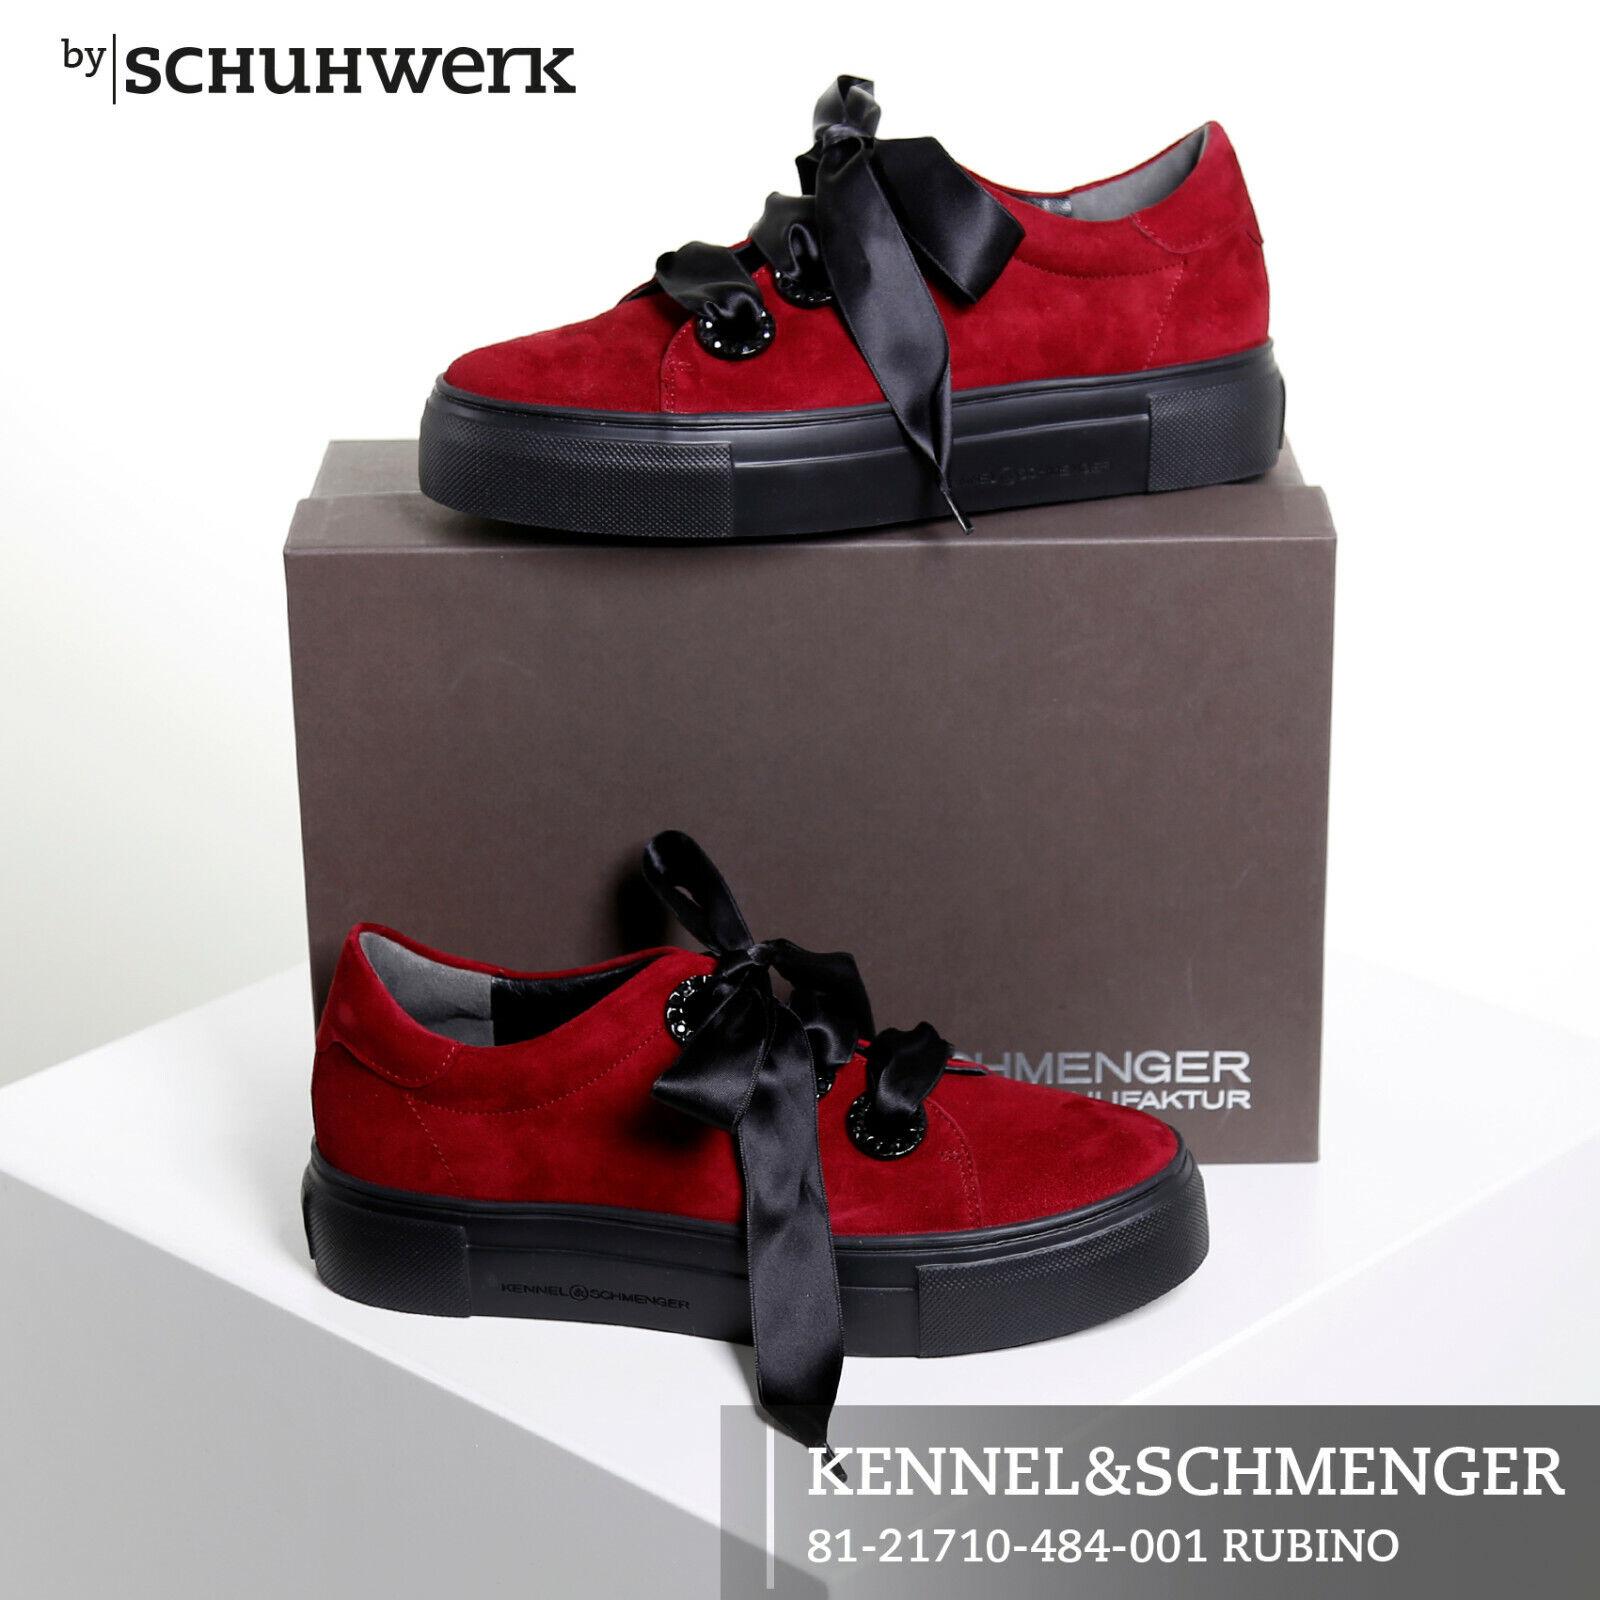 Kennel & Schmenger Damen Turnschuhe 81-21710-484 rubinrot